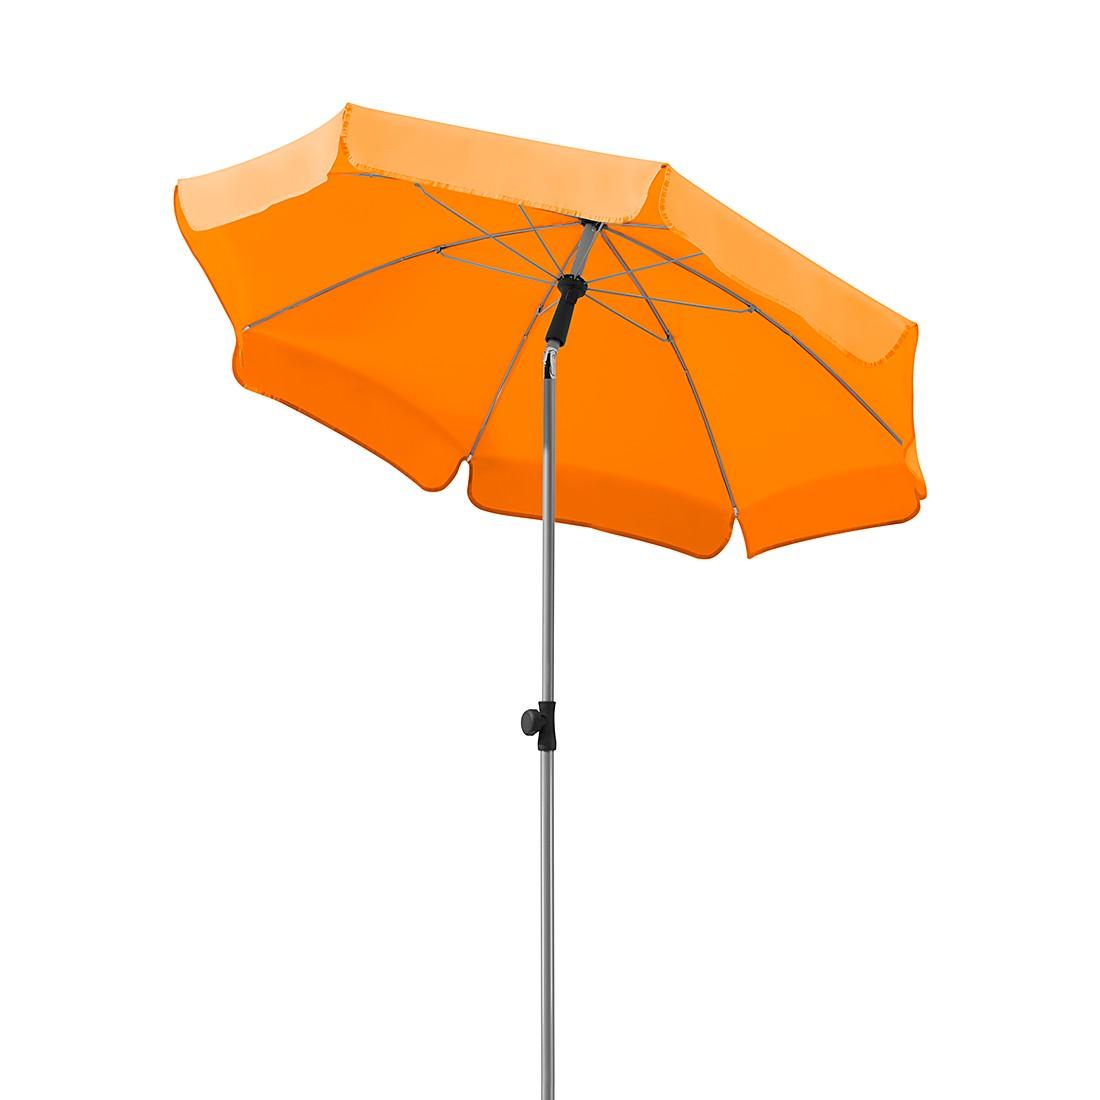 Lugano 150 Sonnenschirm - Stahl/Polyester - Silber/Mandarine, Schneider Schirme